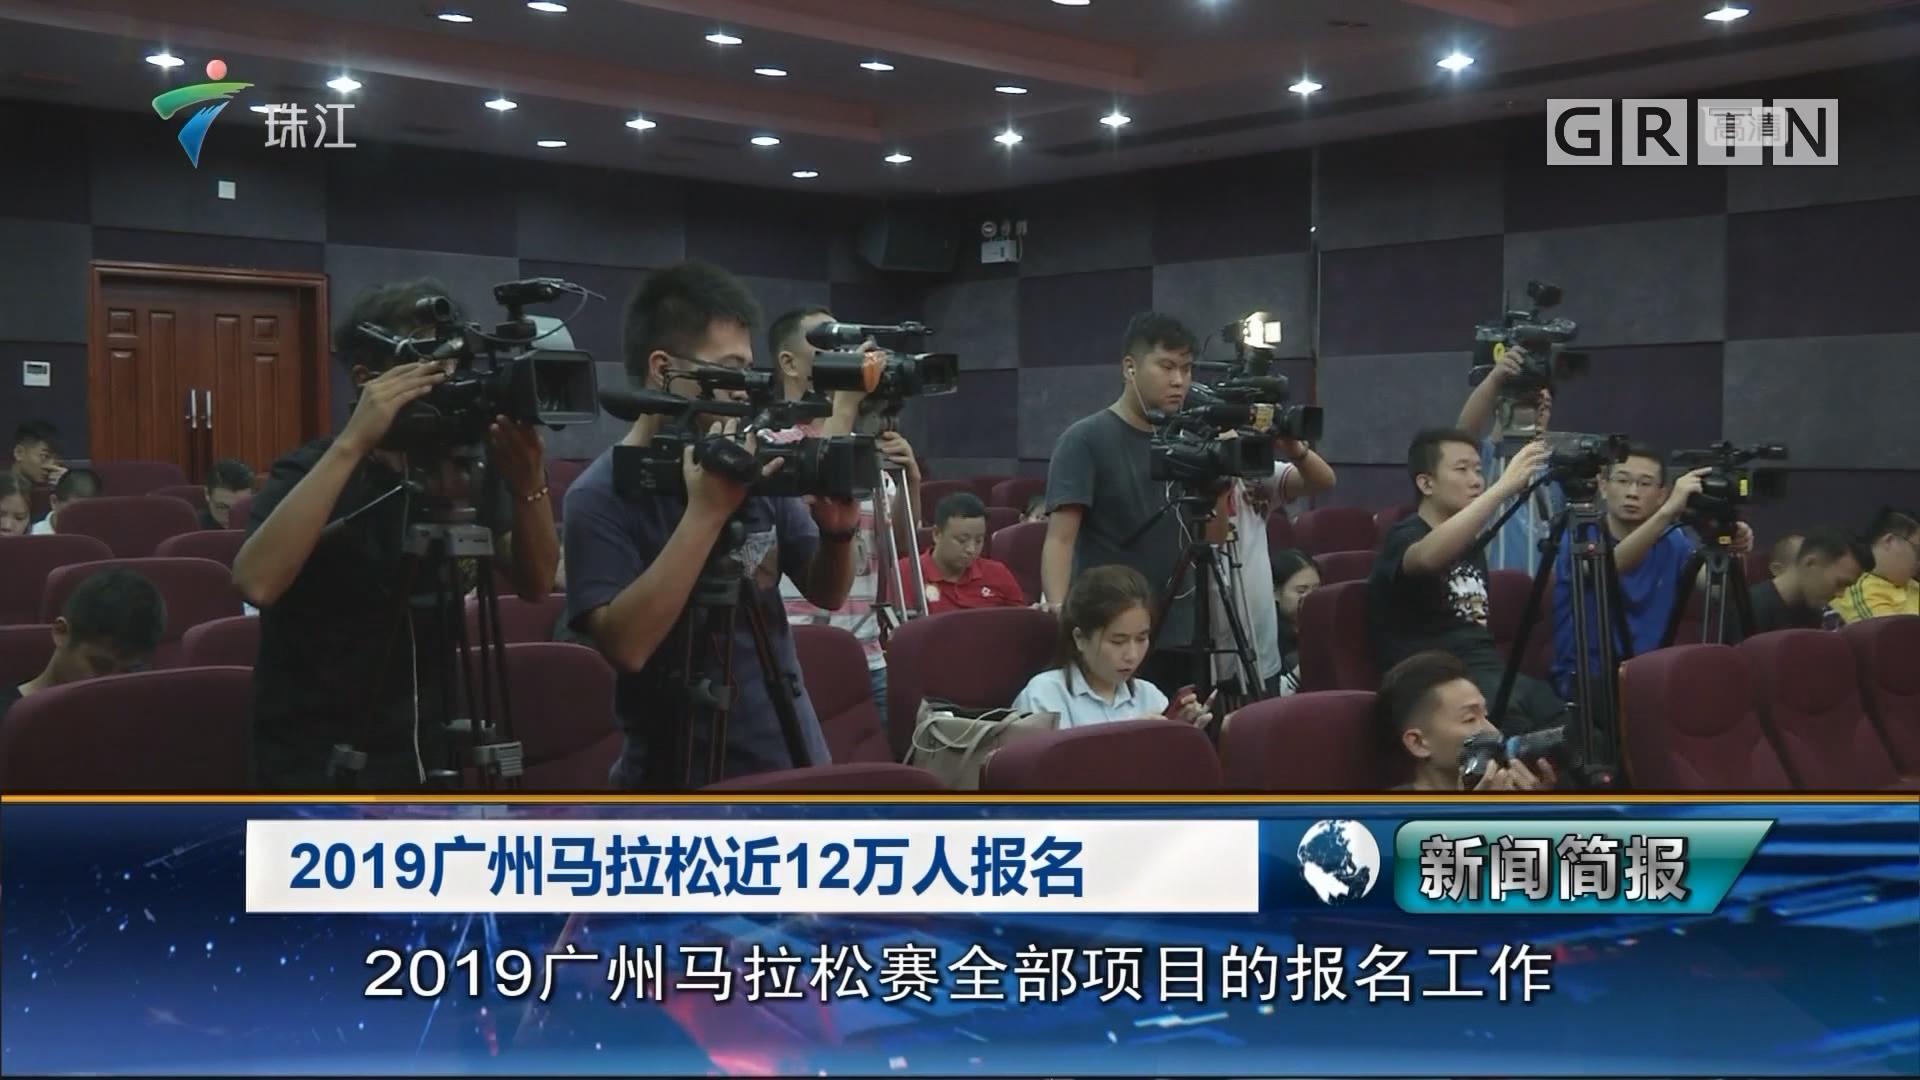 2019广州马拉松近12万人报名